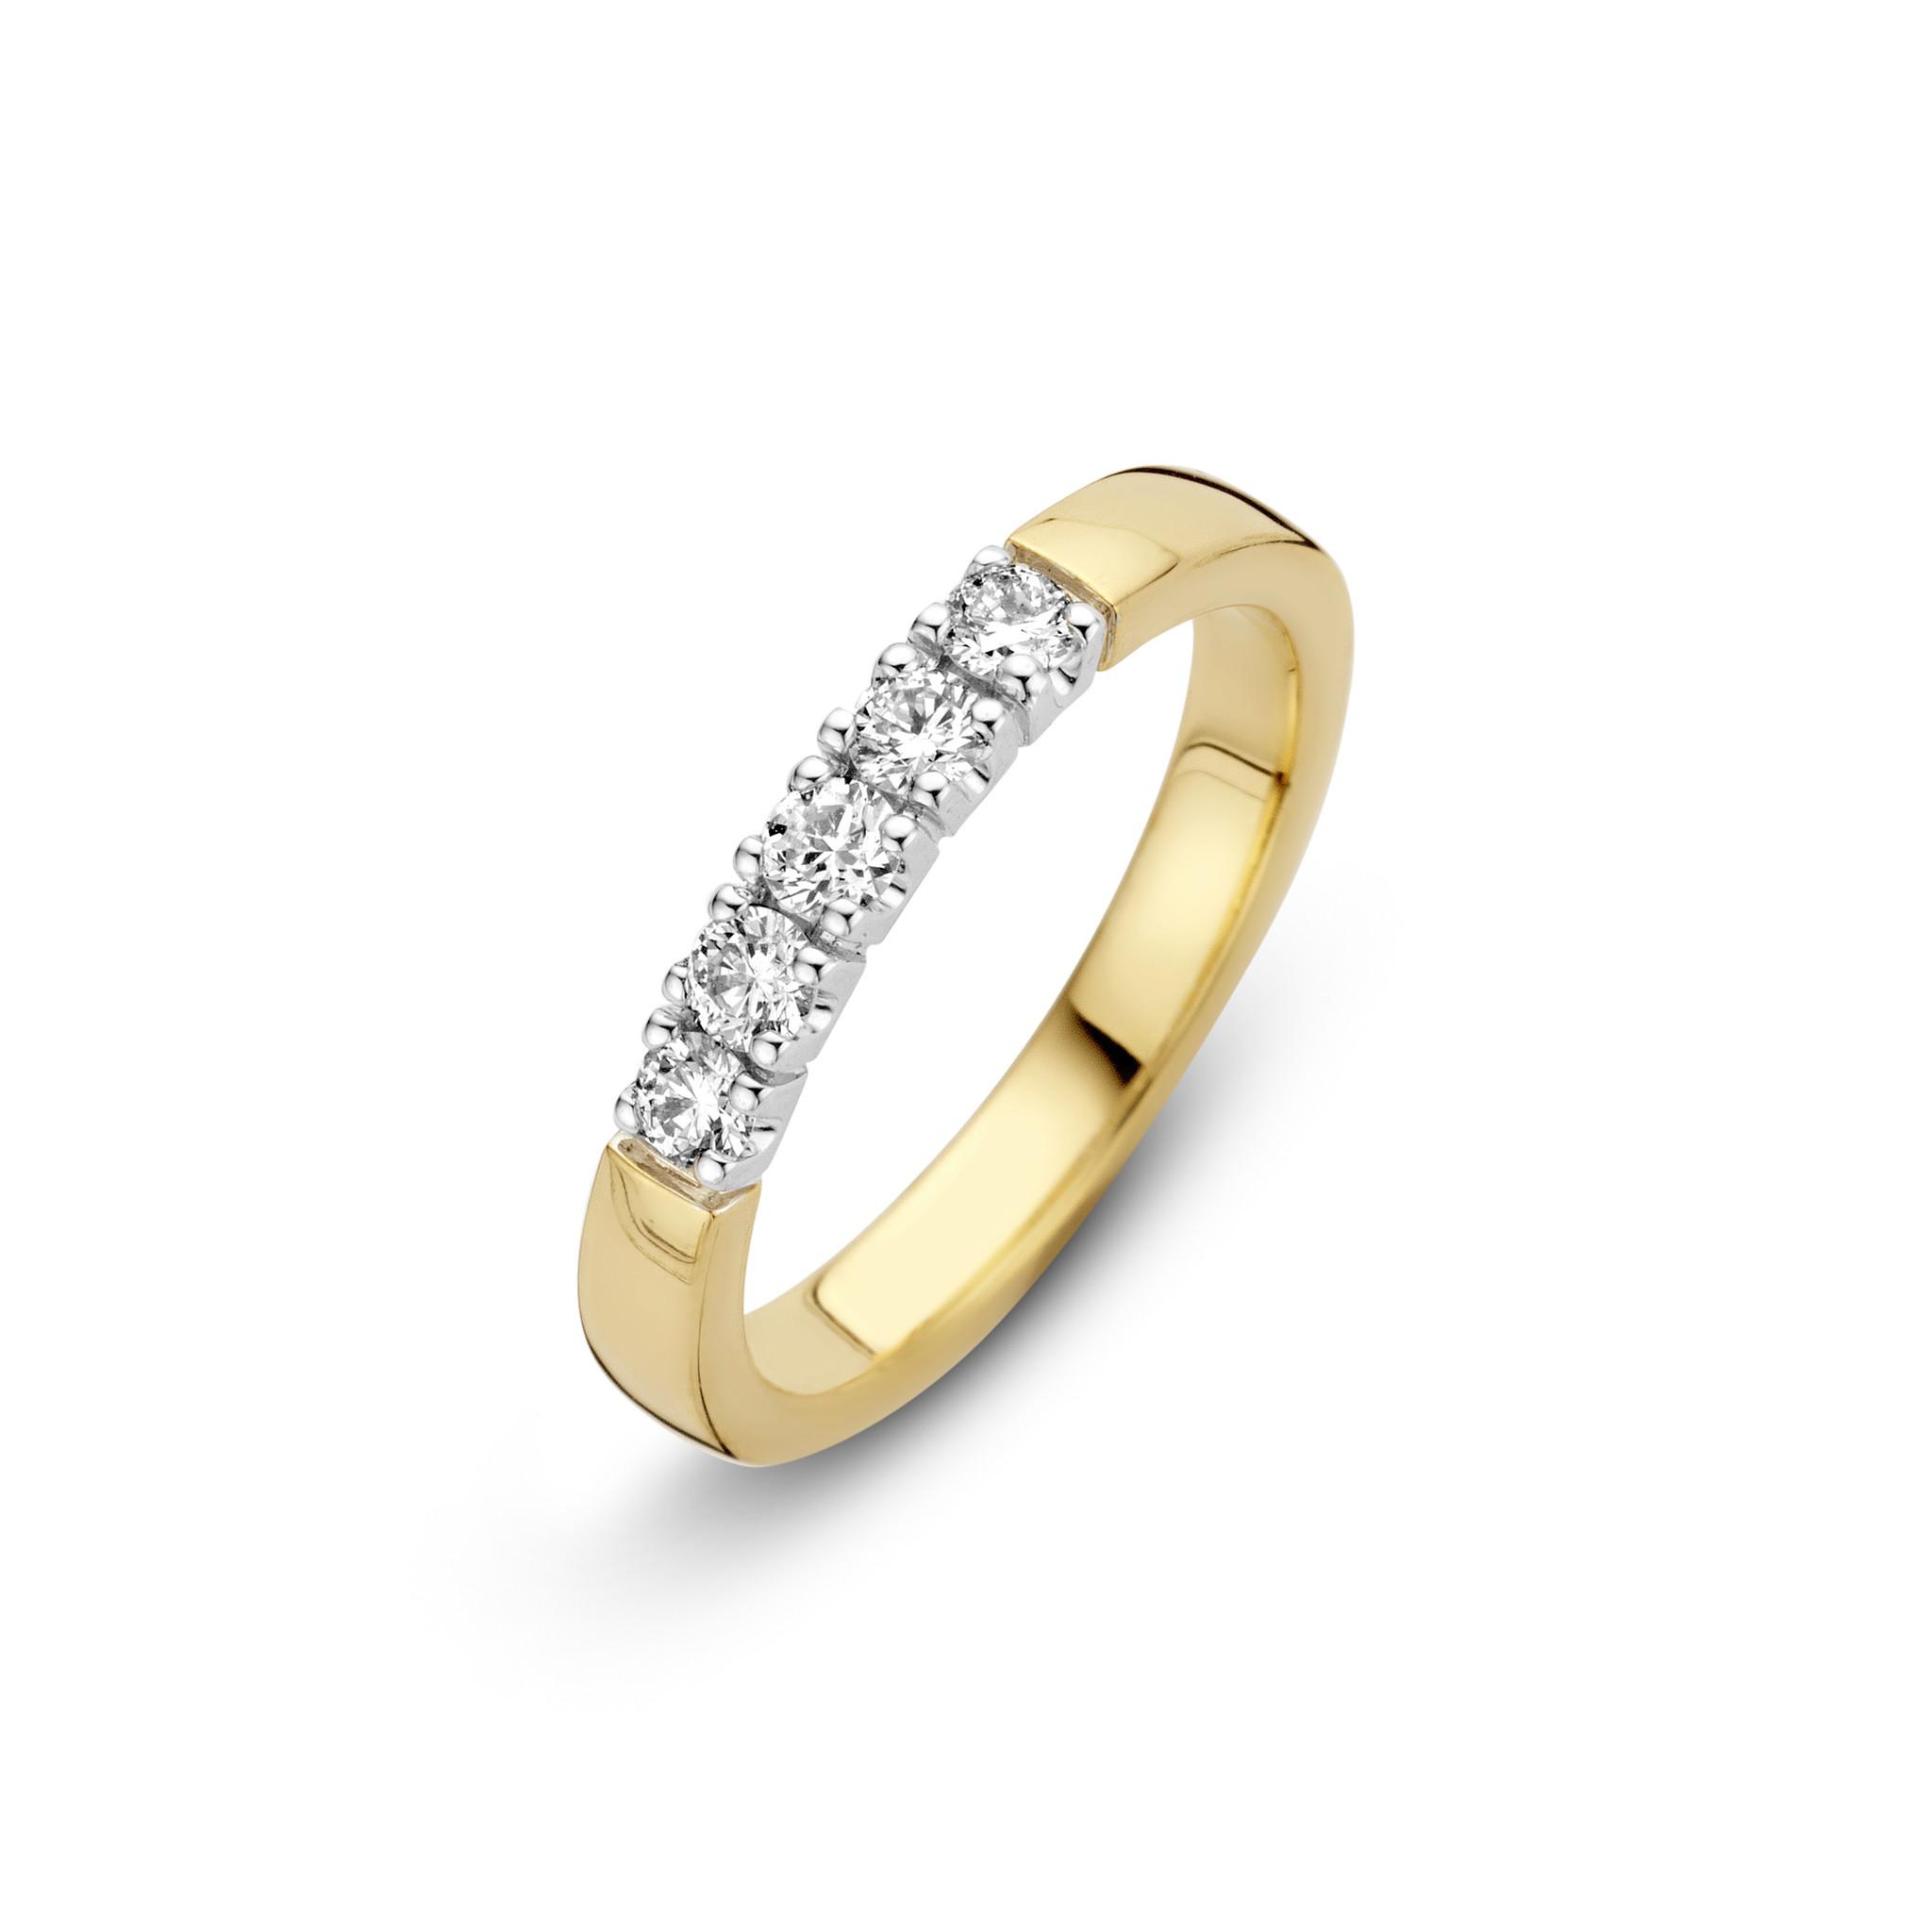 H.O.T. Een 14 krt. geelgouden memoire-ring met 5 briljanten van 0,07 ct.  totaal 0,35 ct.  Wesselton/SI.